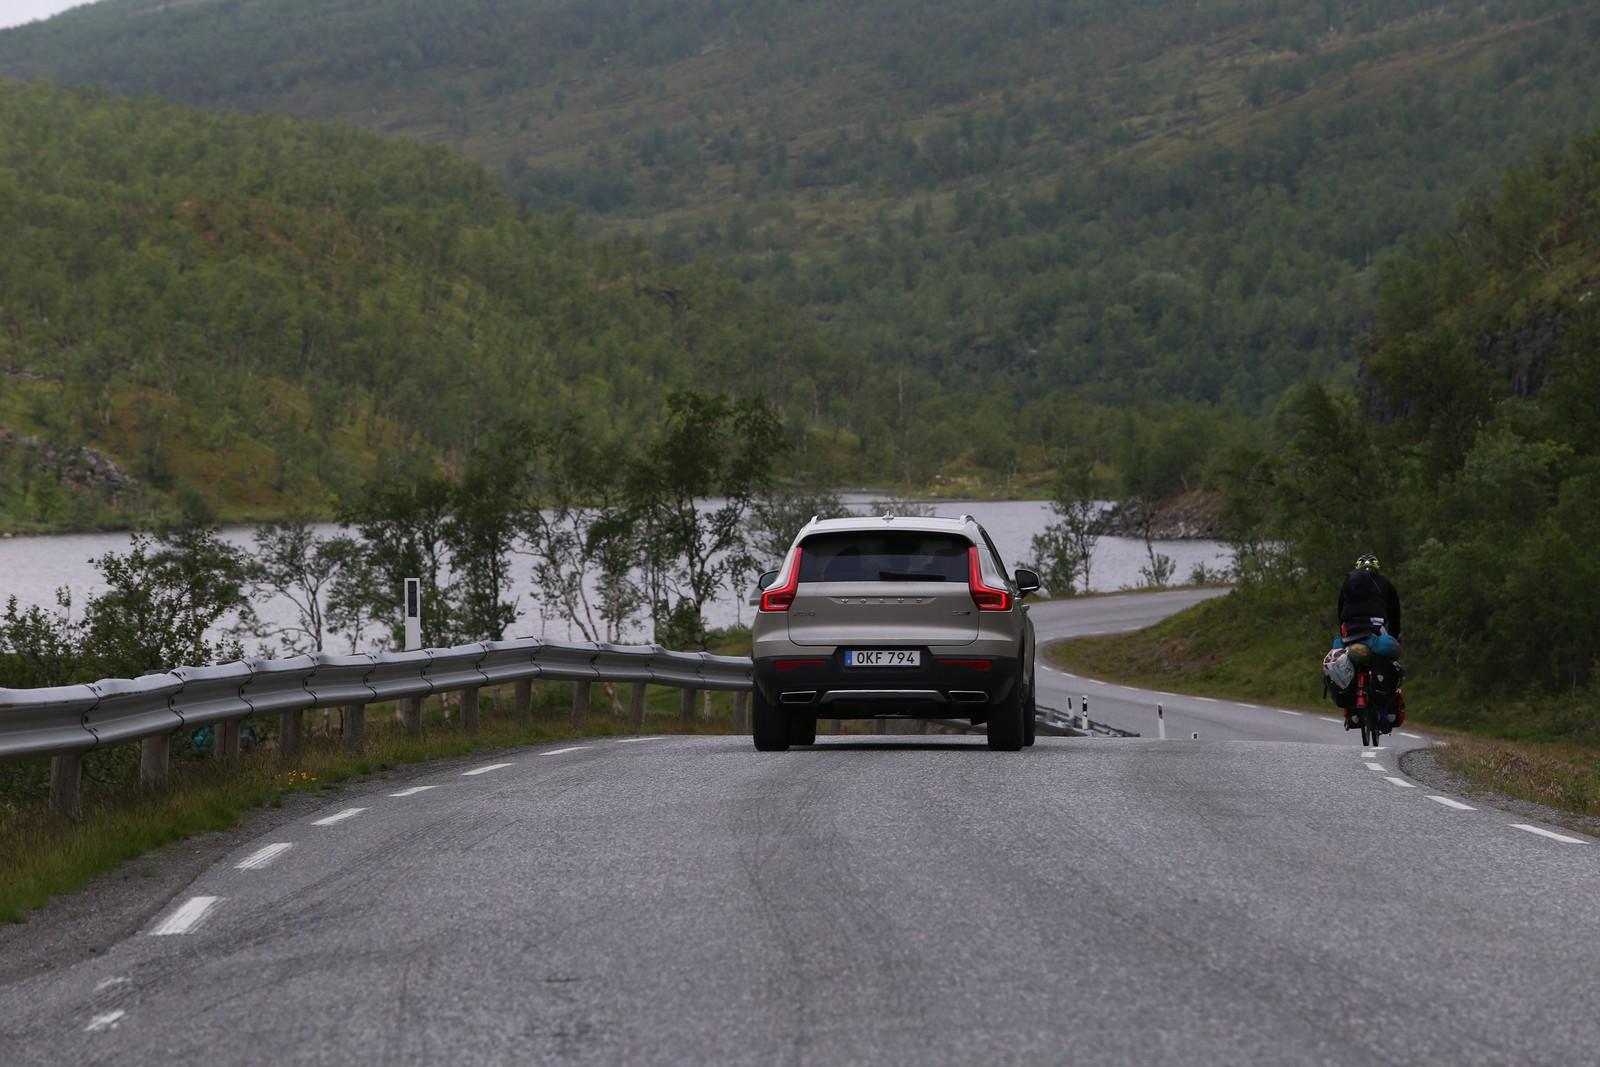 Κορυφαίες τοποθεσίες γνωριμιών στη Φινλανδία